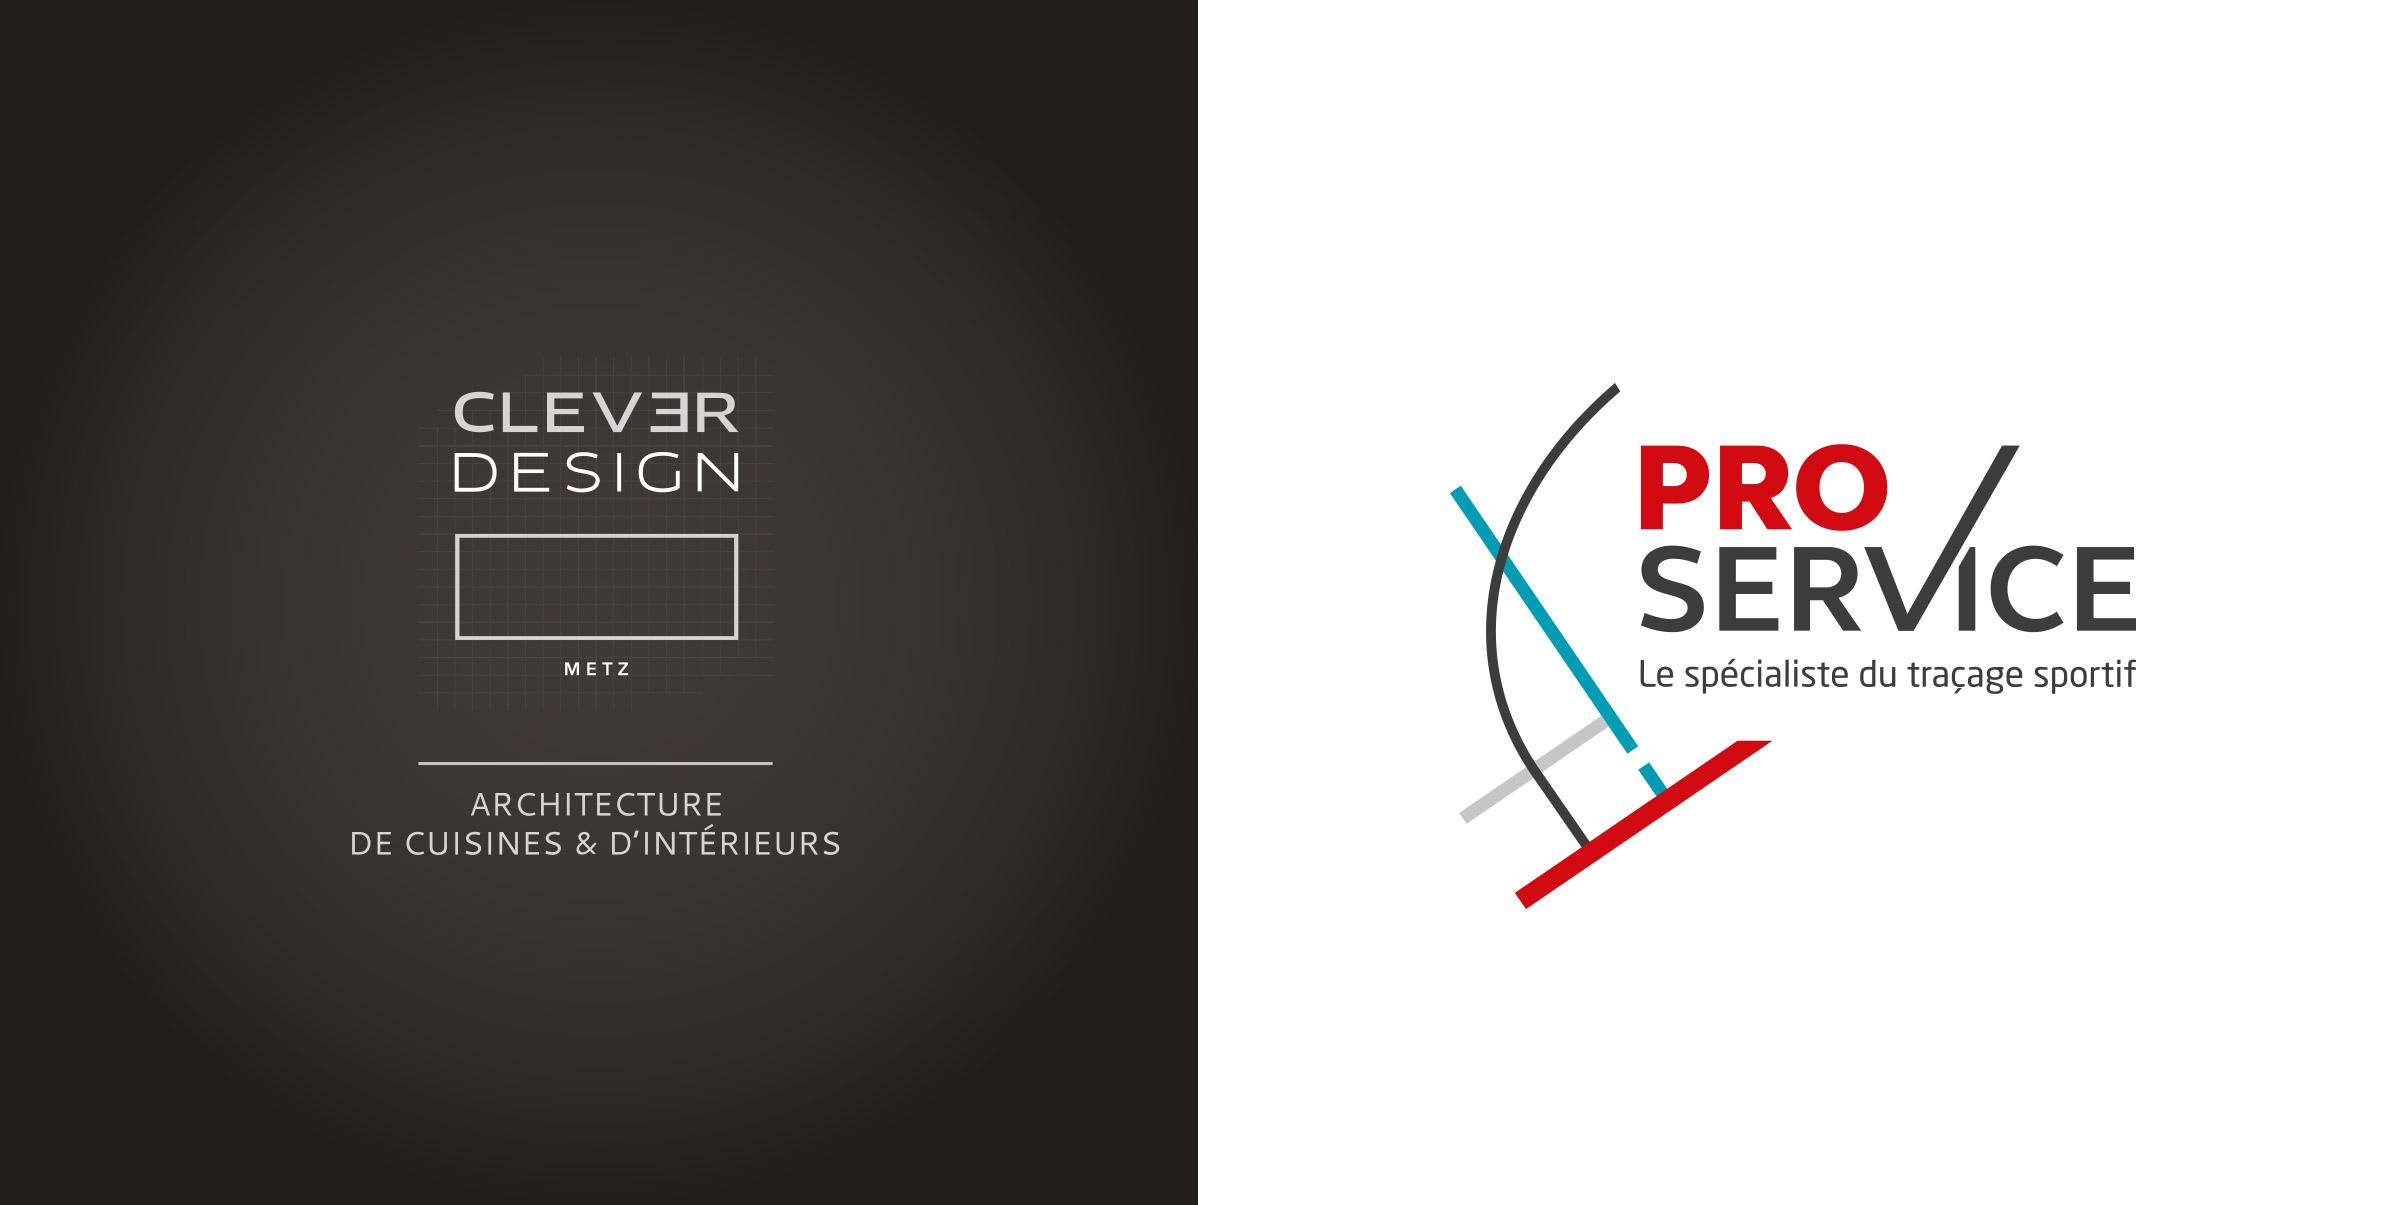 Création logos - Clever Design et Pro Service